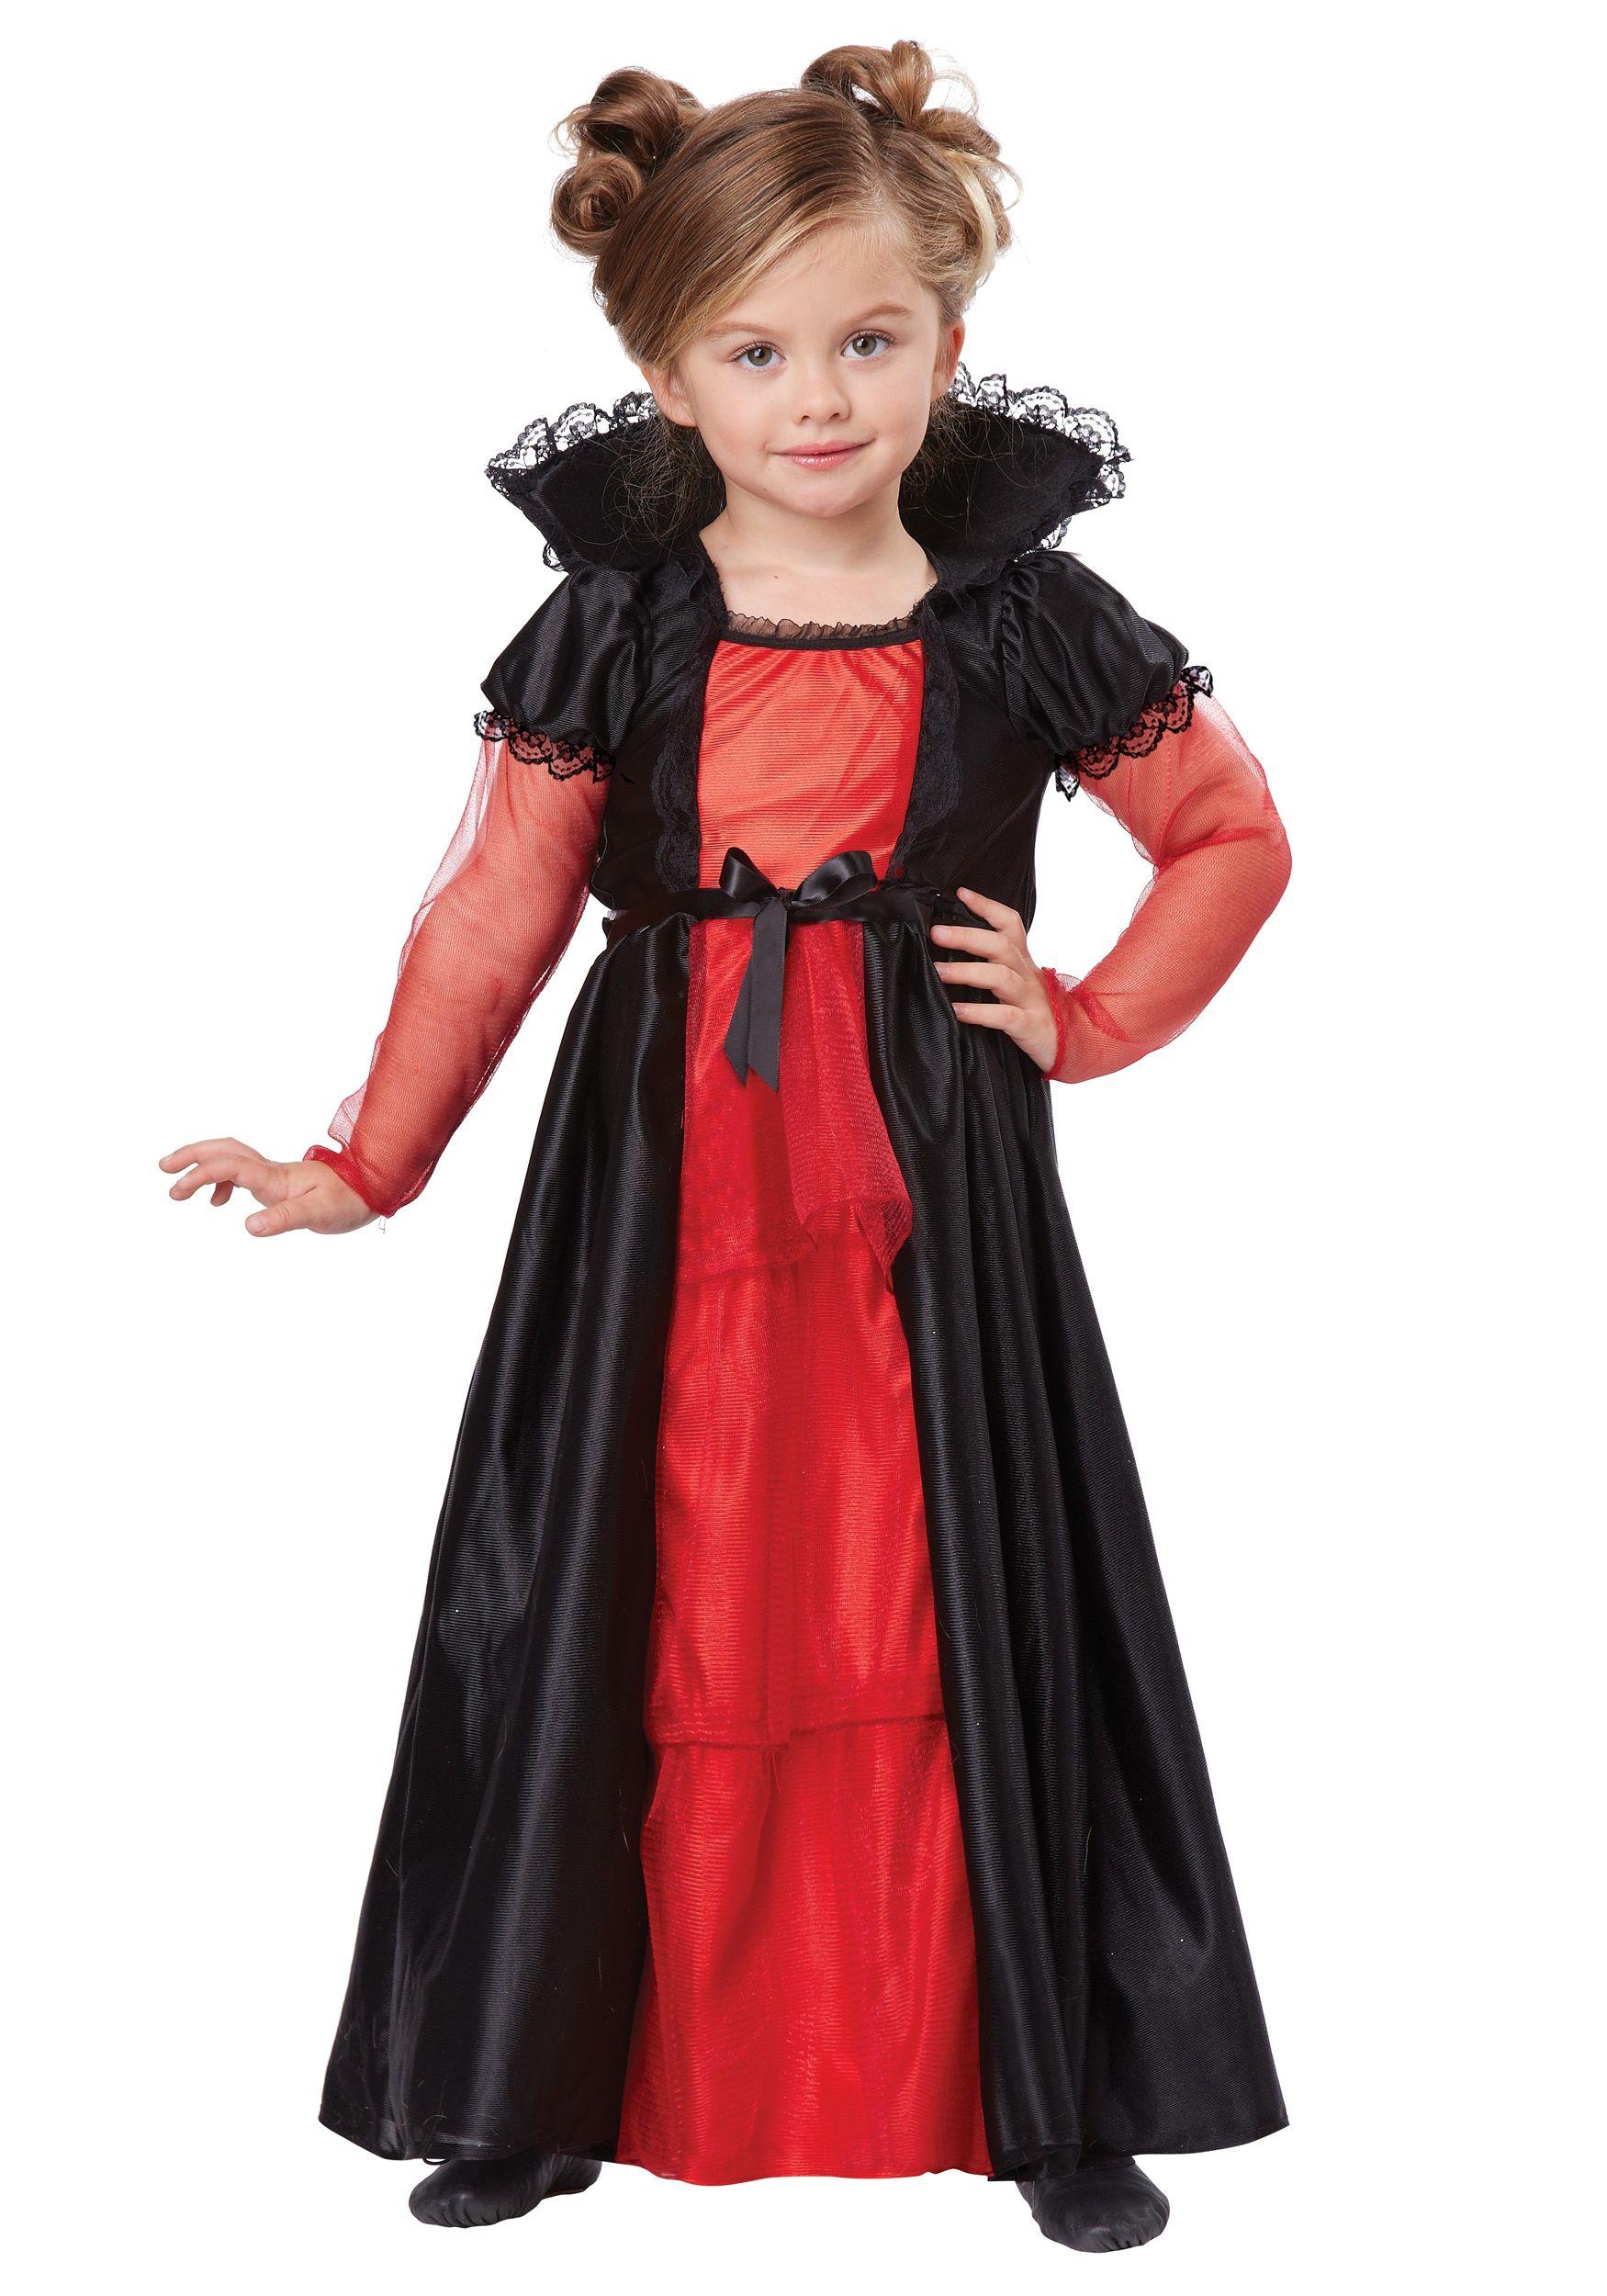 kid balerinas | ... Costume >> Dark Fairy Costume >> Kids Batarina ...